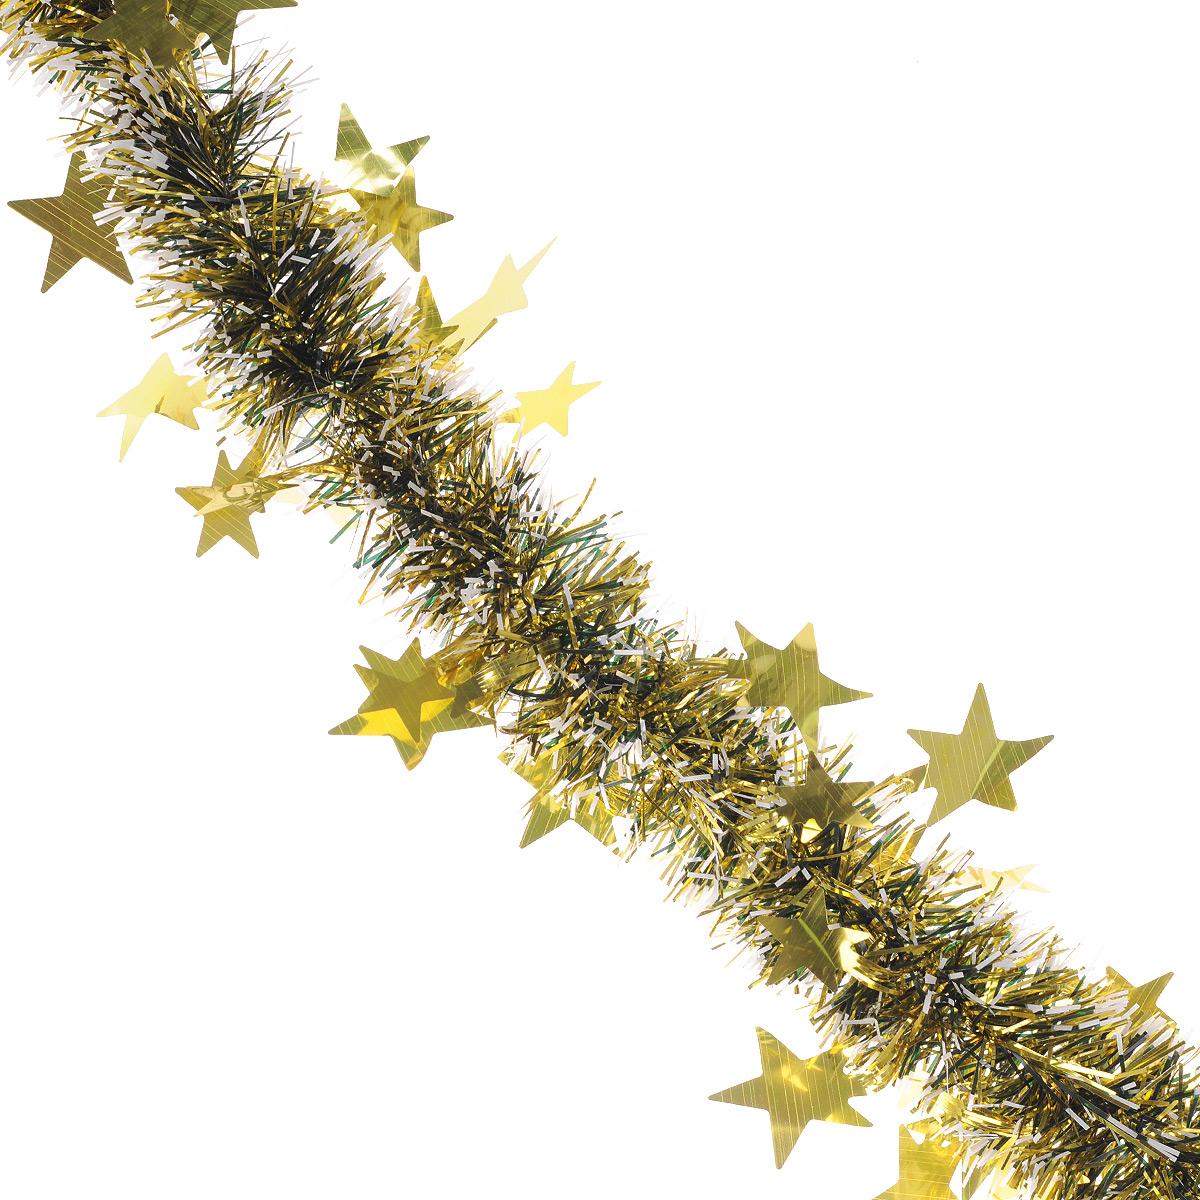 Мишура новогодняя Sima-land, цвет: золотистый, диаметр 5 см, длина 2 м. 702616702616Новогодняя мишура Sima-land, выполненная из фольги с белыми кончиками и декорированная звездочками, поможет вам украсить свой дом к предстоящим праздникам. А новогодняя елка с таким украшением станет еще наряднее. Мишура армирована, то есть имеет проволоку внутри и способна сохранять приданную ей форму. Новогодней мишурой можно украсить все, что угодно - елку, квартиру, дачу, офис - как внутри, так и снаружи. Можно сложить новогодние поздравления, буквы и цифры, мишурой можно украсить и дополнить гирлянды, можно выделить дверные колонны, оплести дверные проемы. Коллекция декоративных украшений из серии Зимнее волшебство принесет в ваш дом ни с чем несравнимое ощущение праздника! Создайте в своем доме атмосферу тепла, веселья и радости, украшая его всей семьей.